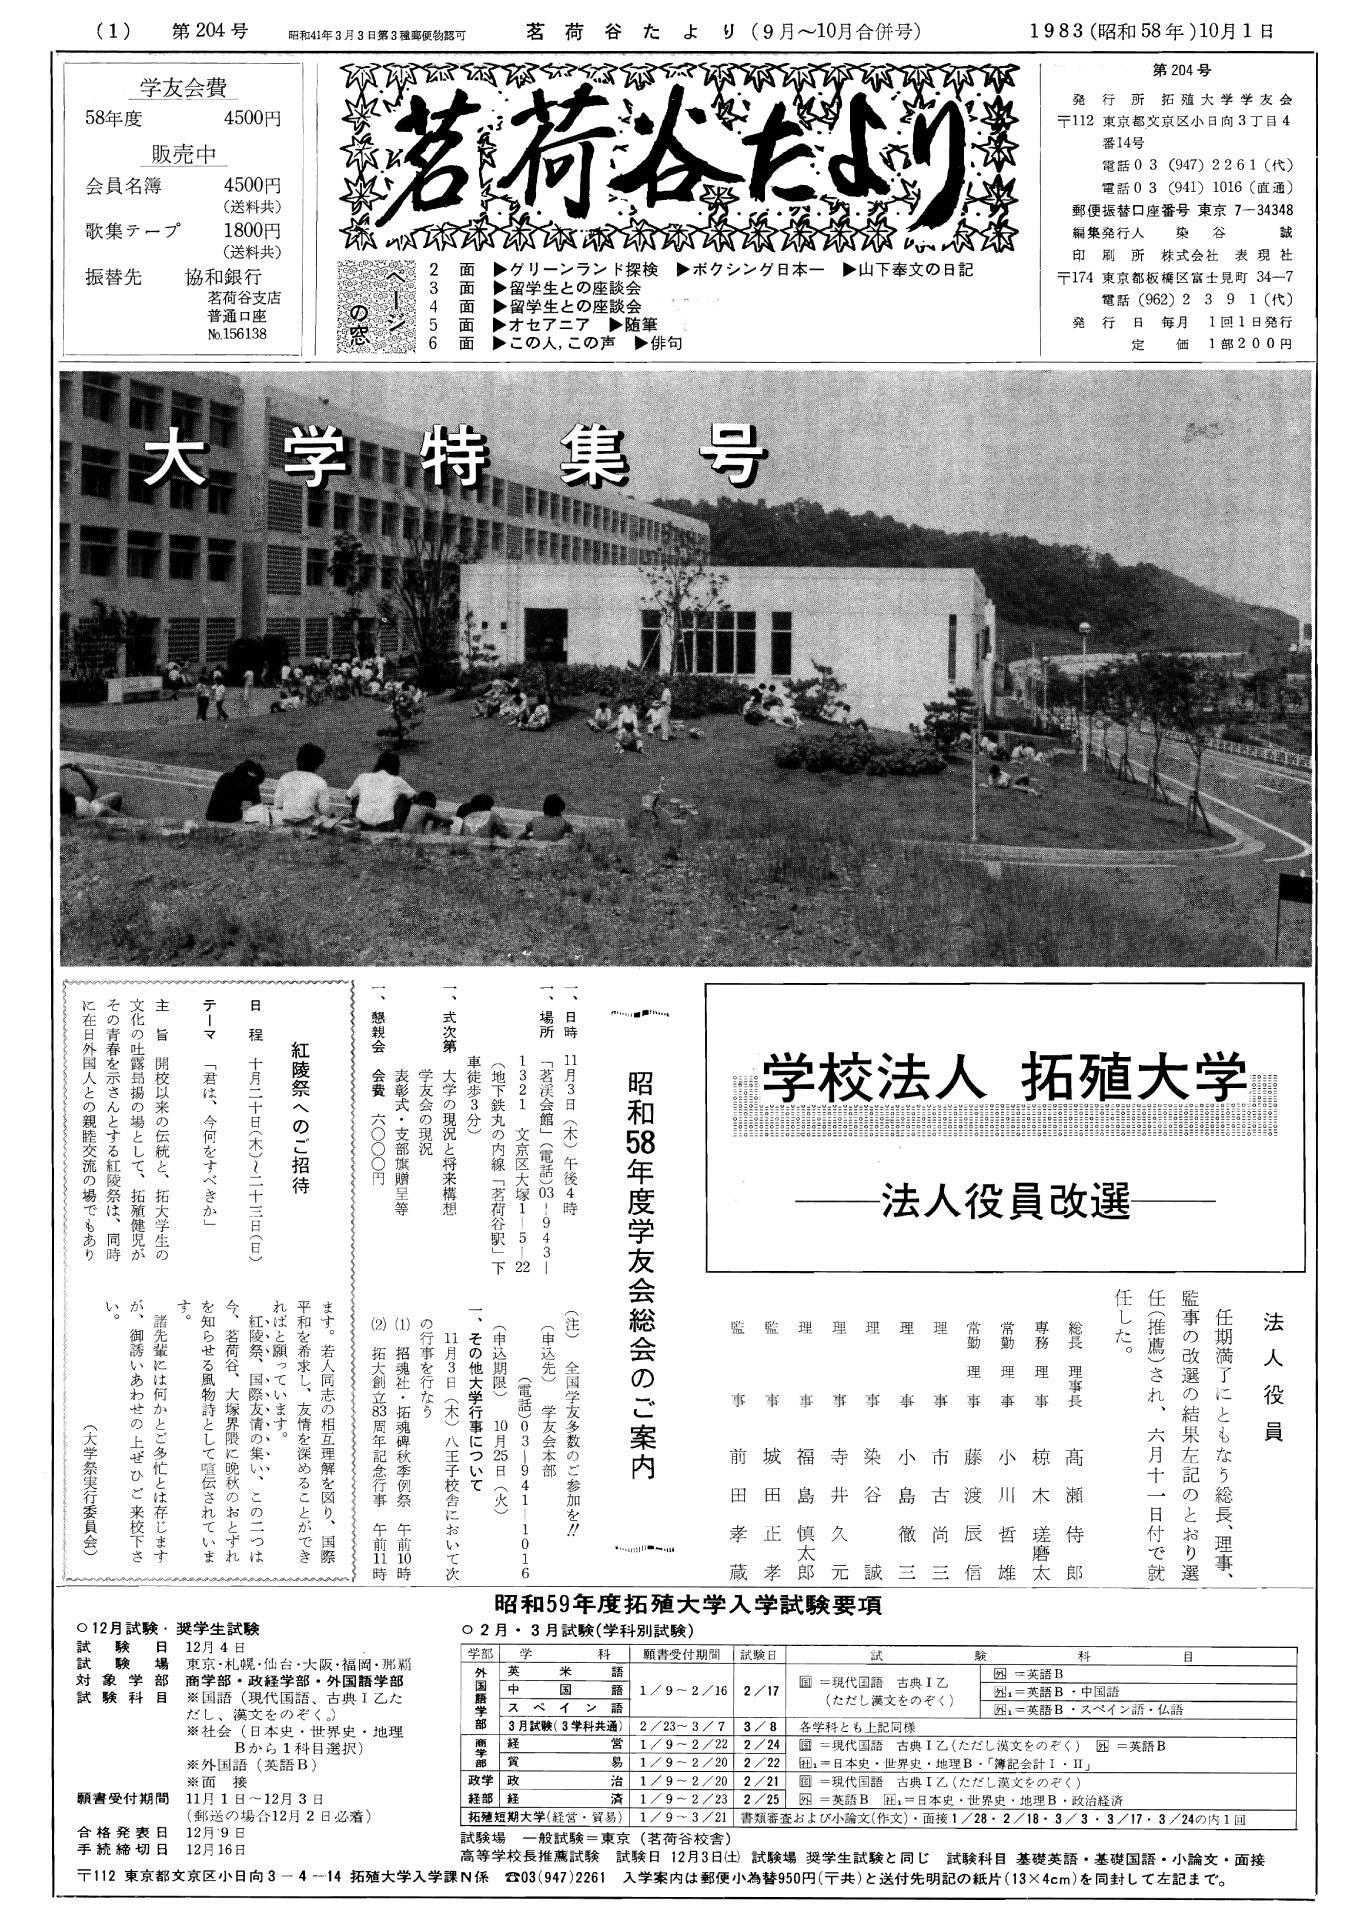 茗荷谷たより9月~10月合併号(第204号)表紙